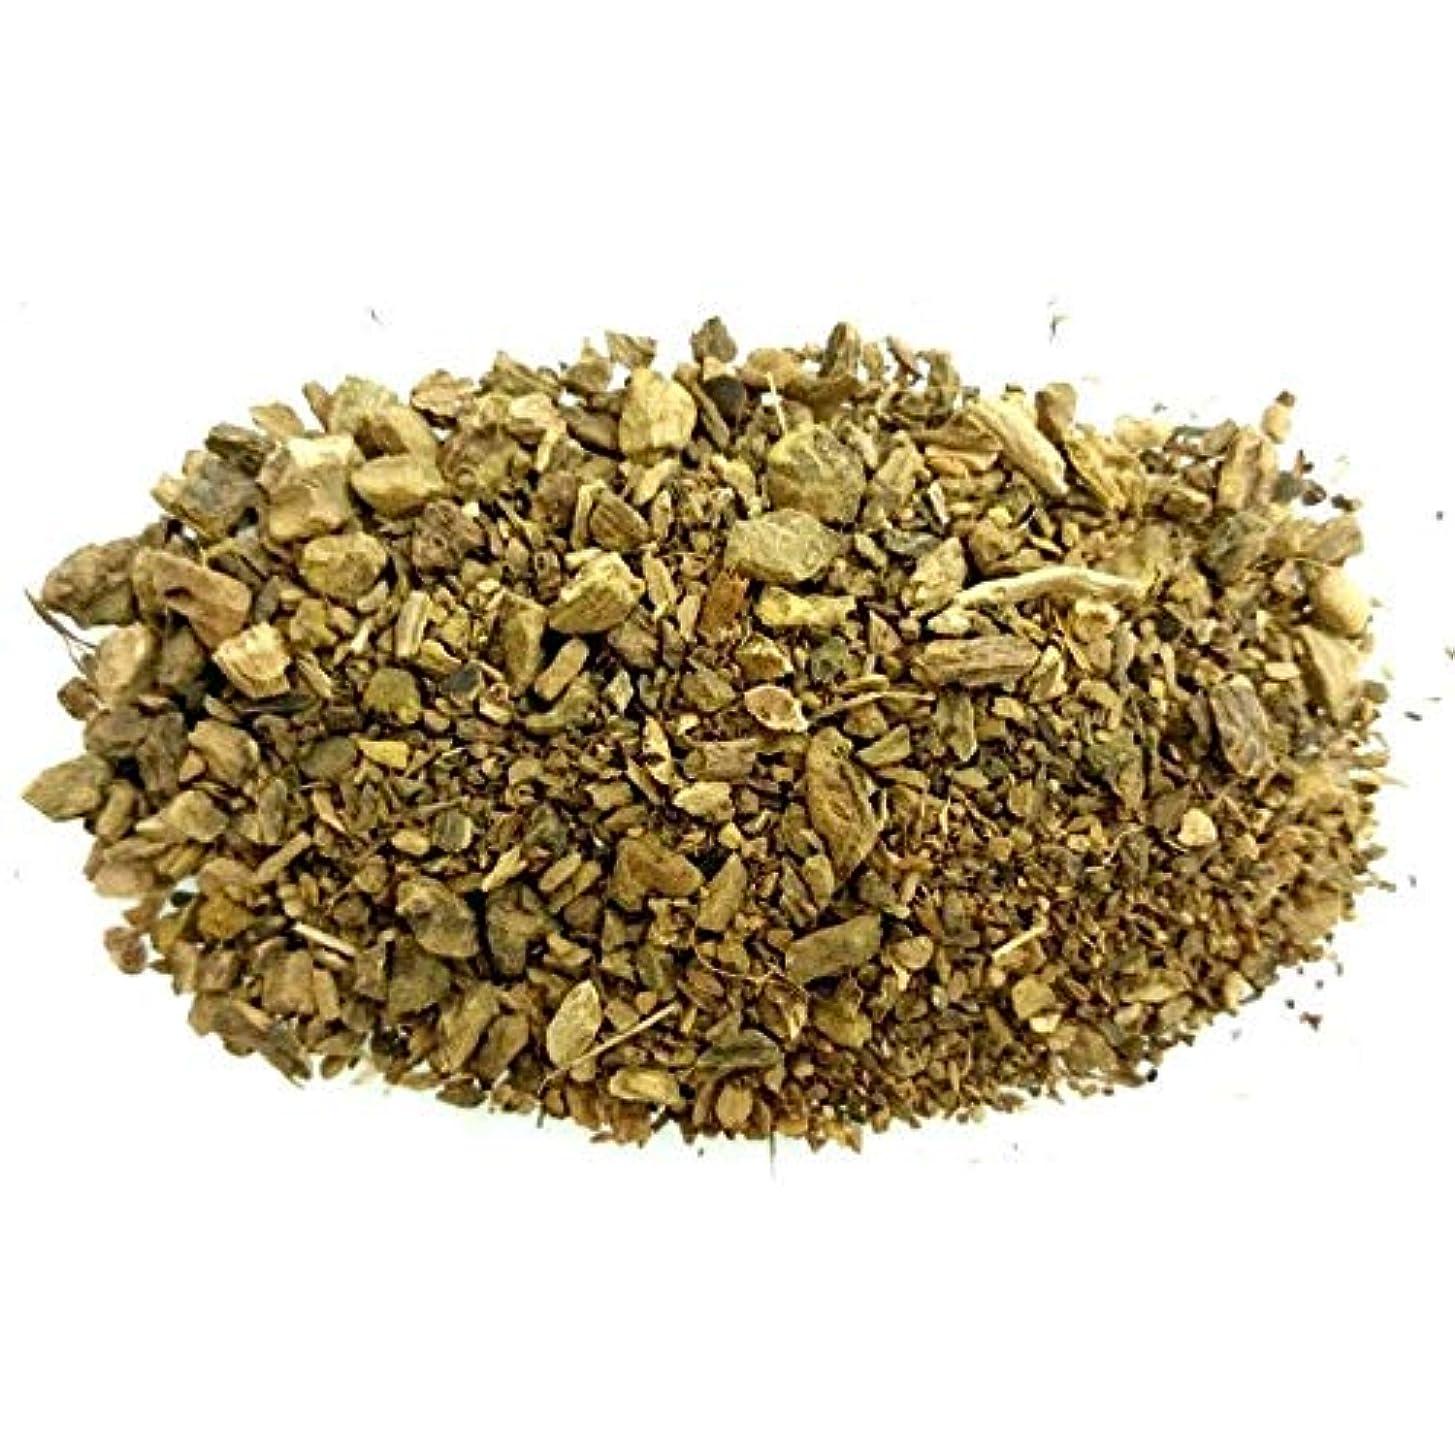 ライバル化石呼び起こすHIGH発芽SEEDSだけでなくPLANTS:イエロー?お香の香りMagikal Seedion儀式ウィッカパガンゴス